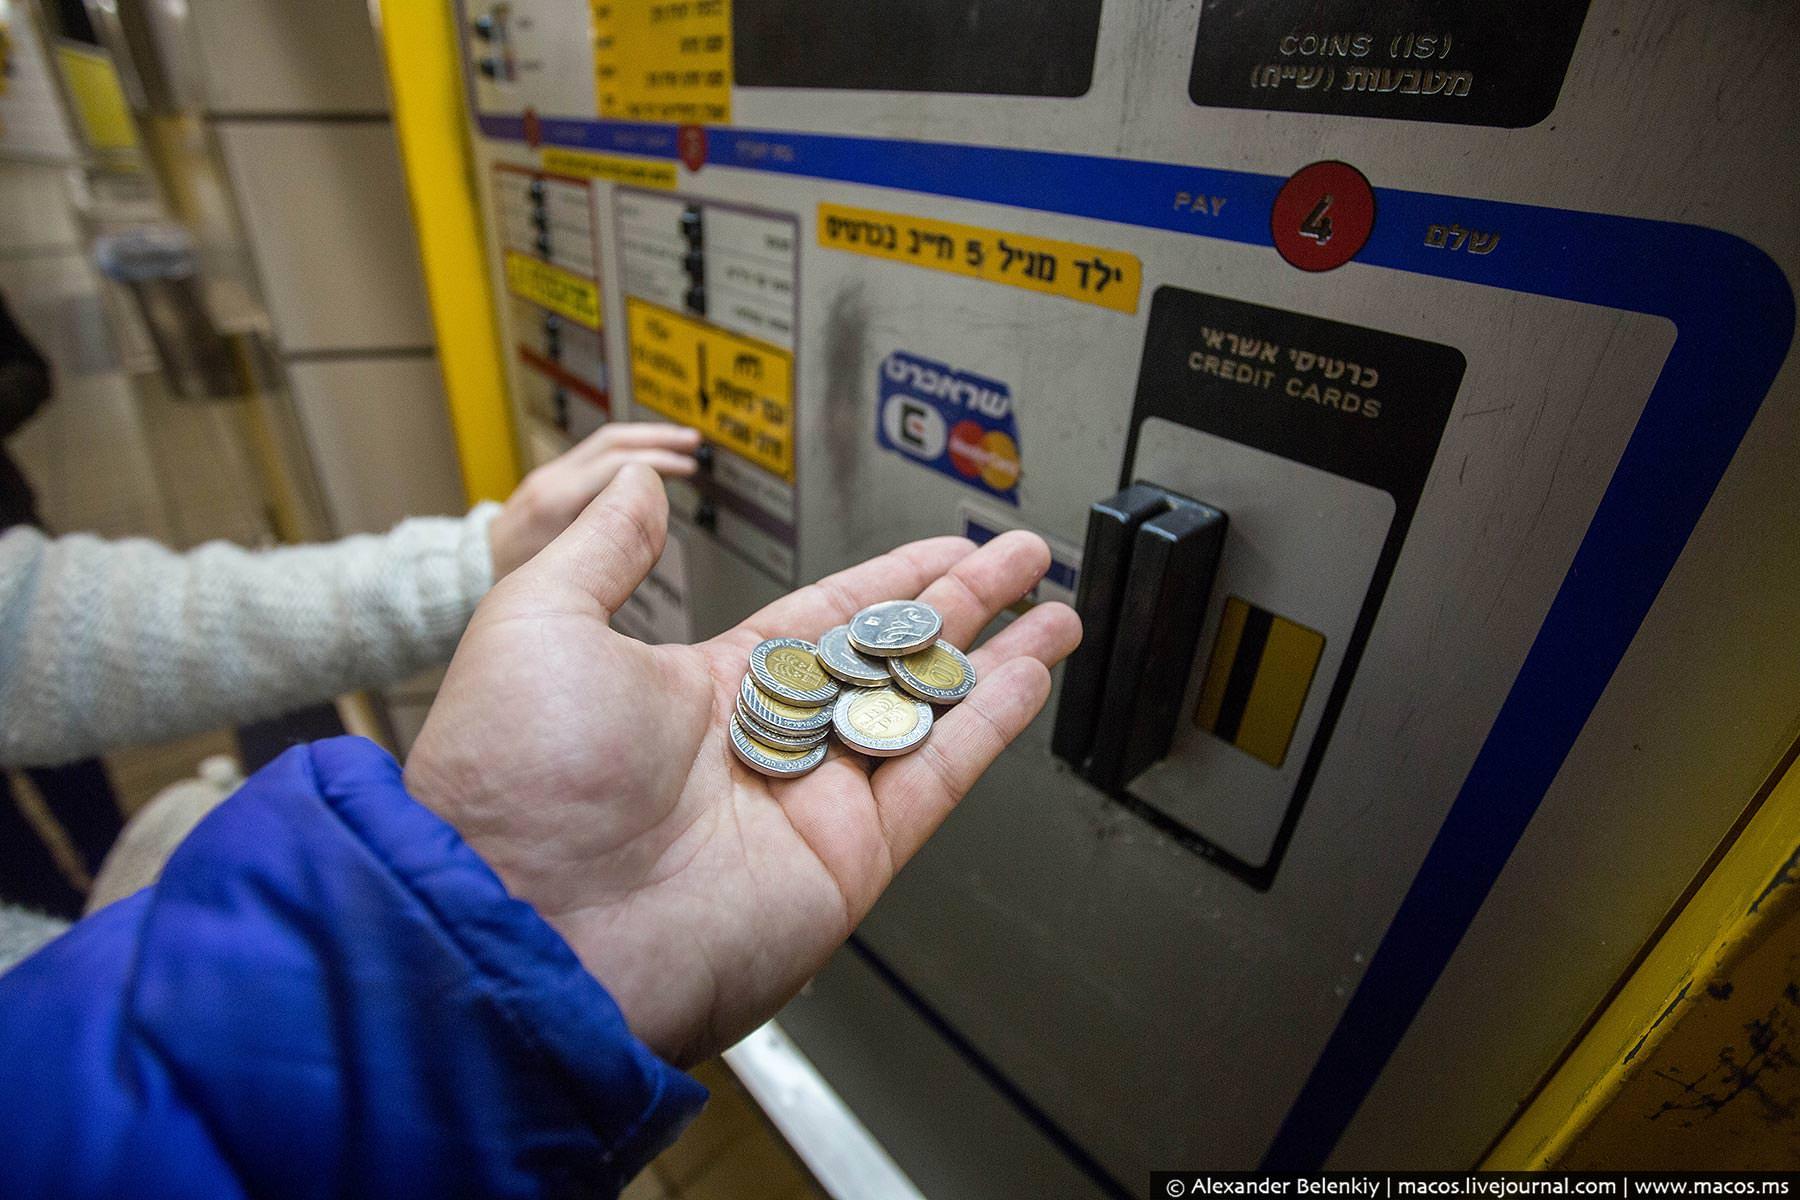 автомат по продаже билетов на кармелит в Хайфе